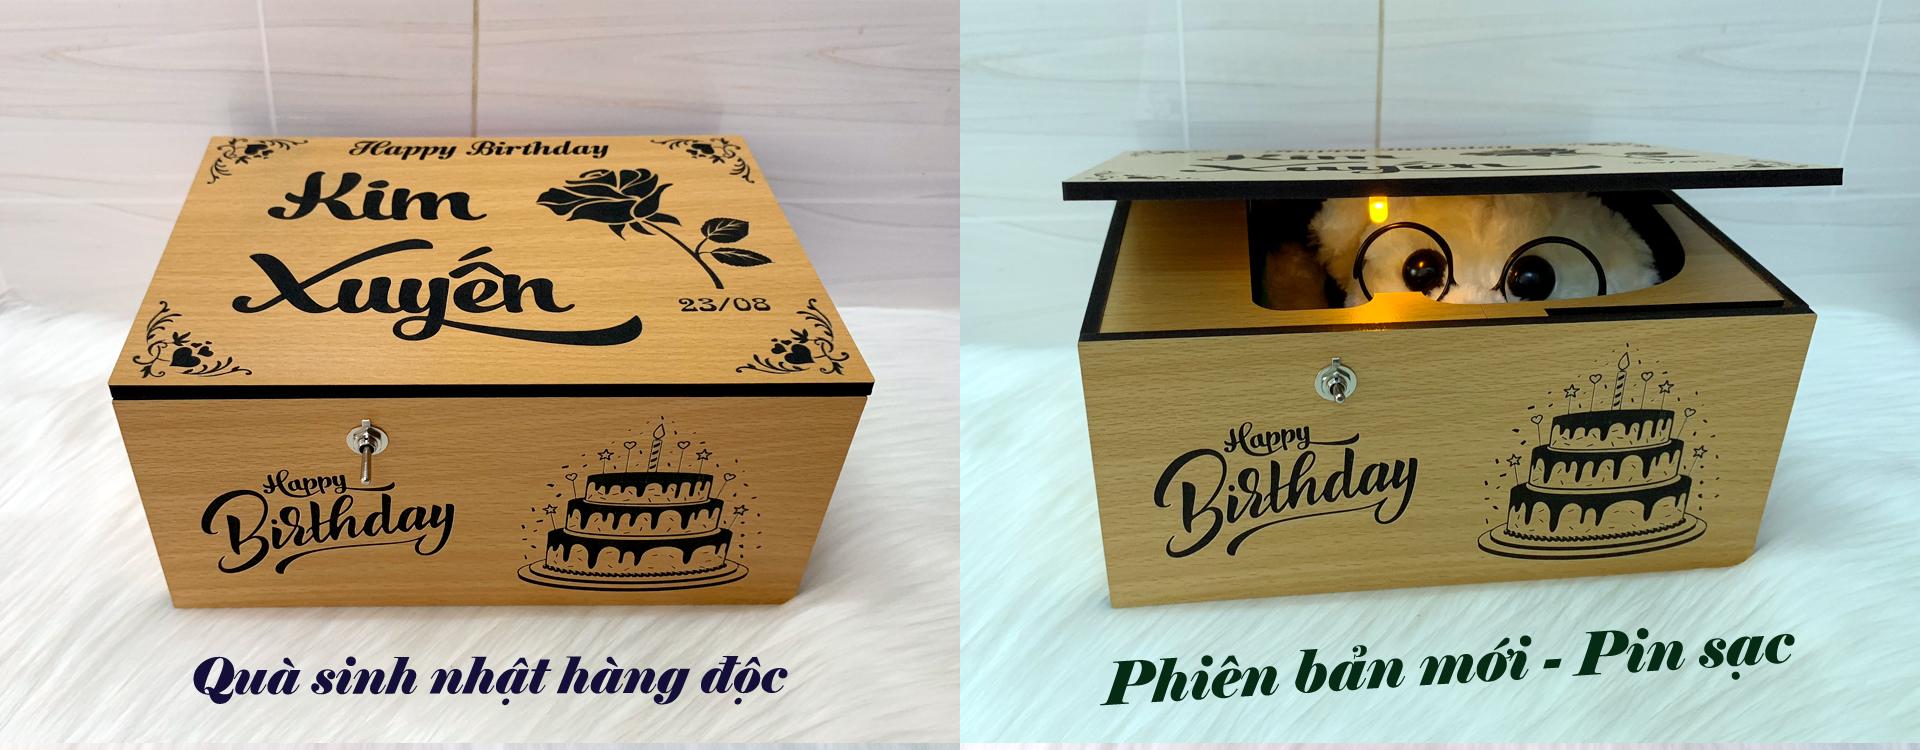 Useless Box - Tích hợp Pin Sạc